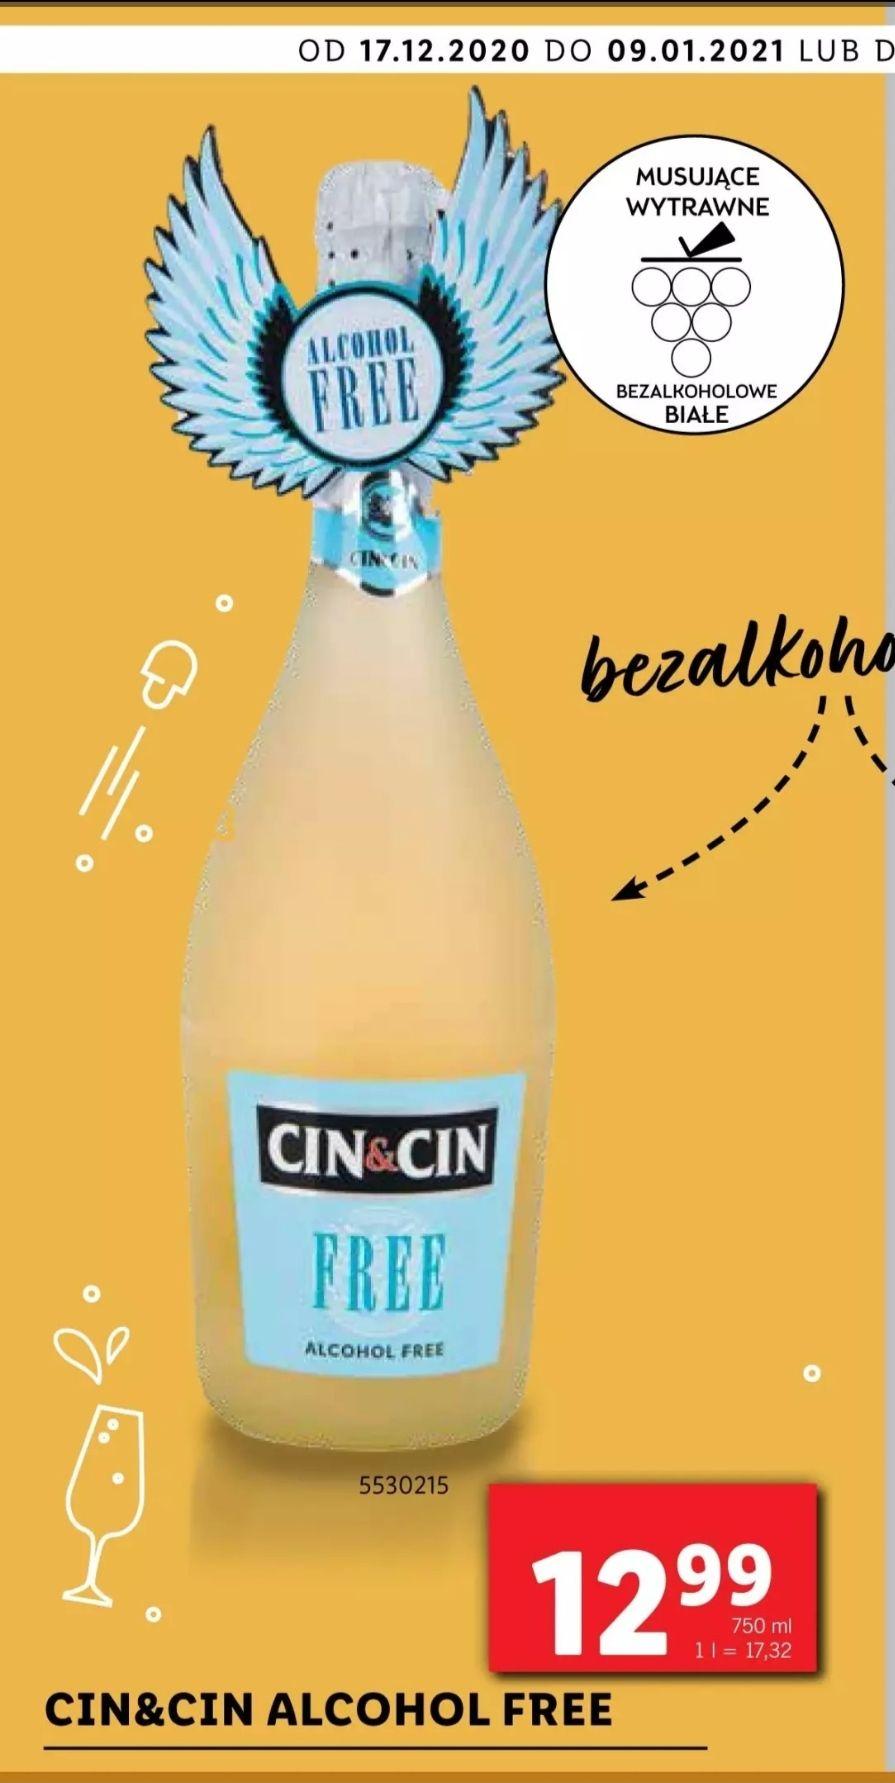 Szampan (wino musujące) Cin&Cin bezalkoholowe 750ml Lidl